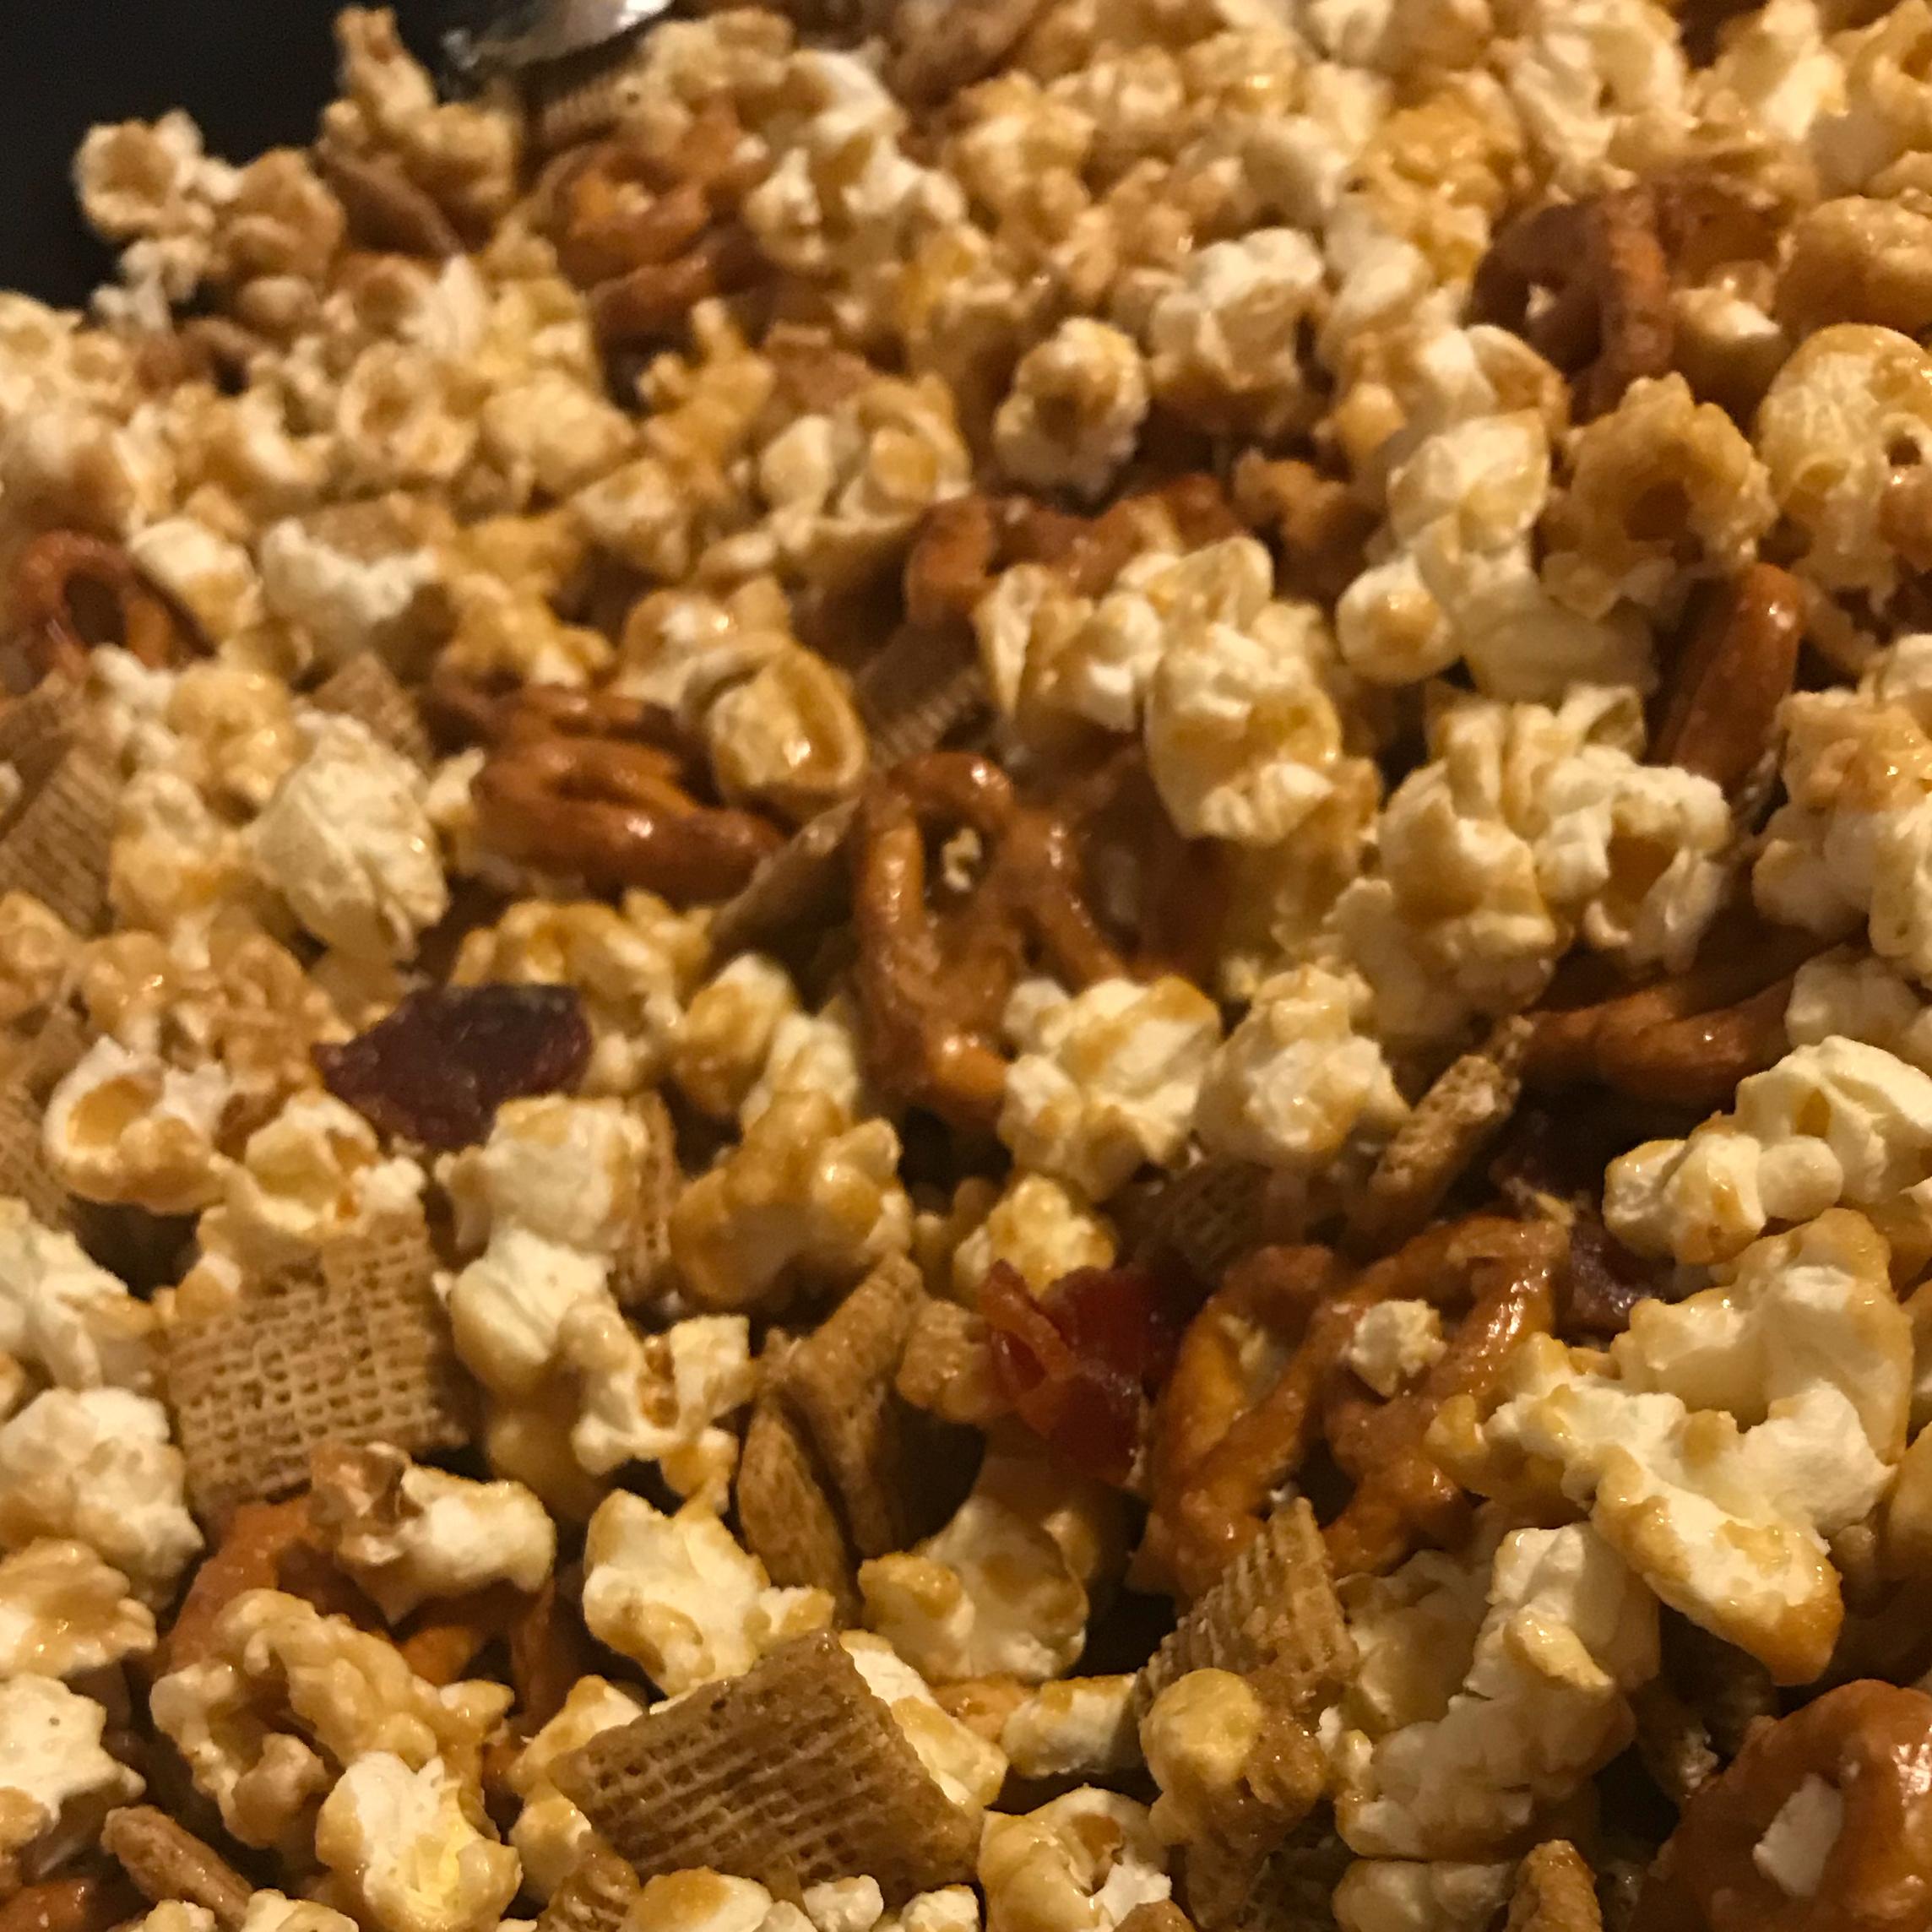 DB's Caramel Popcorn Bacon Mix maryox636